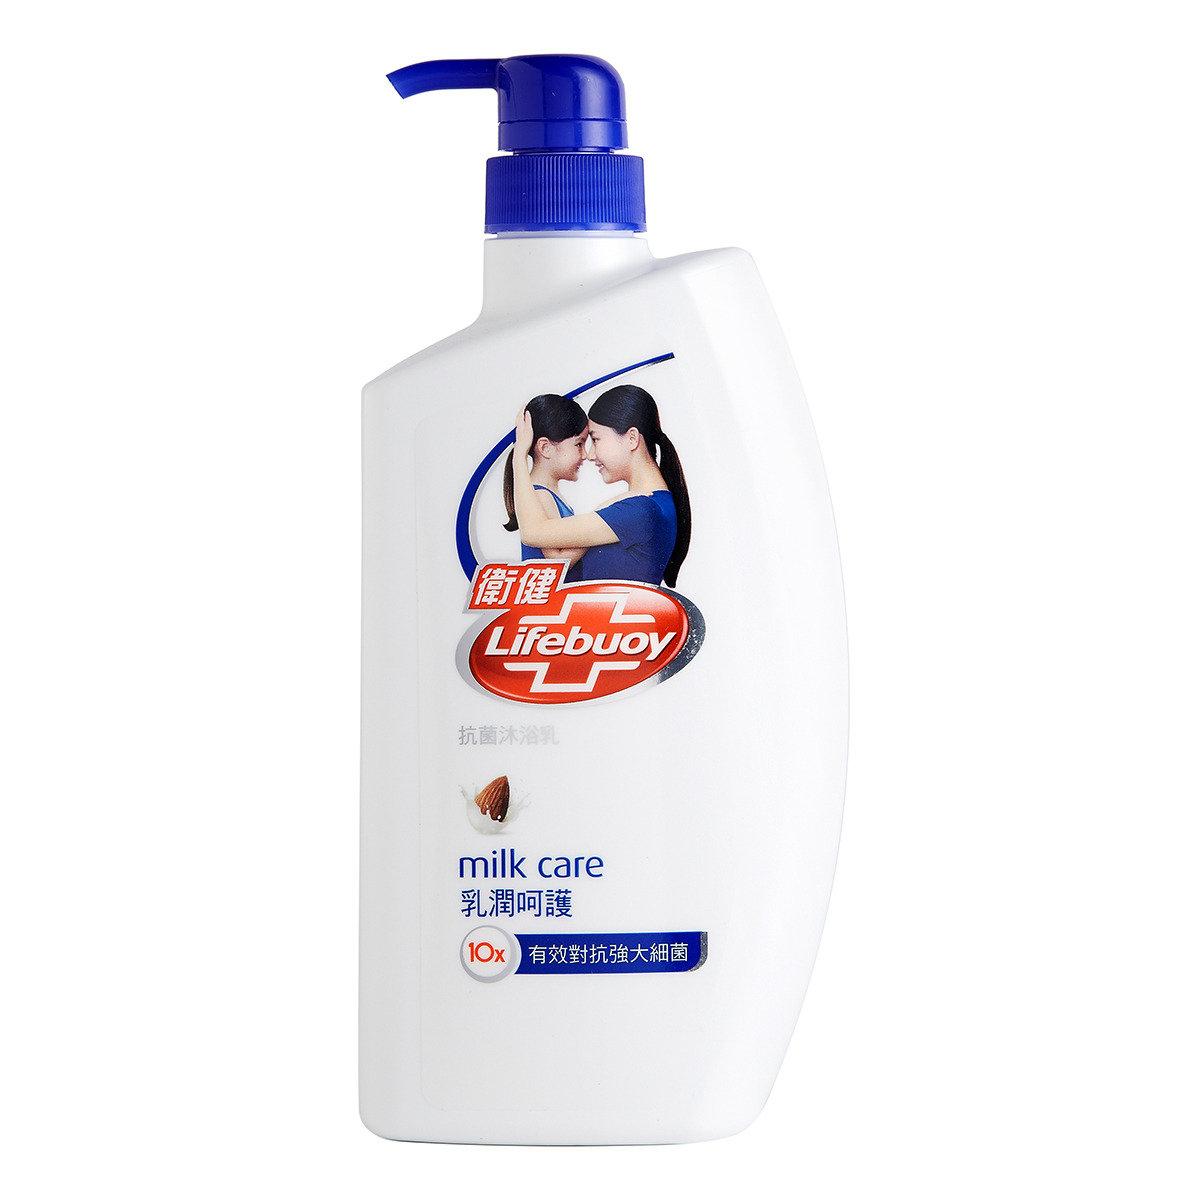 乳潤呵護抗菌沐浴乳